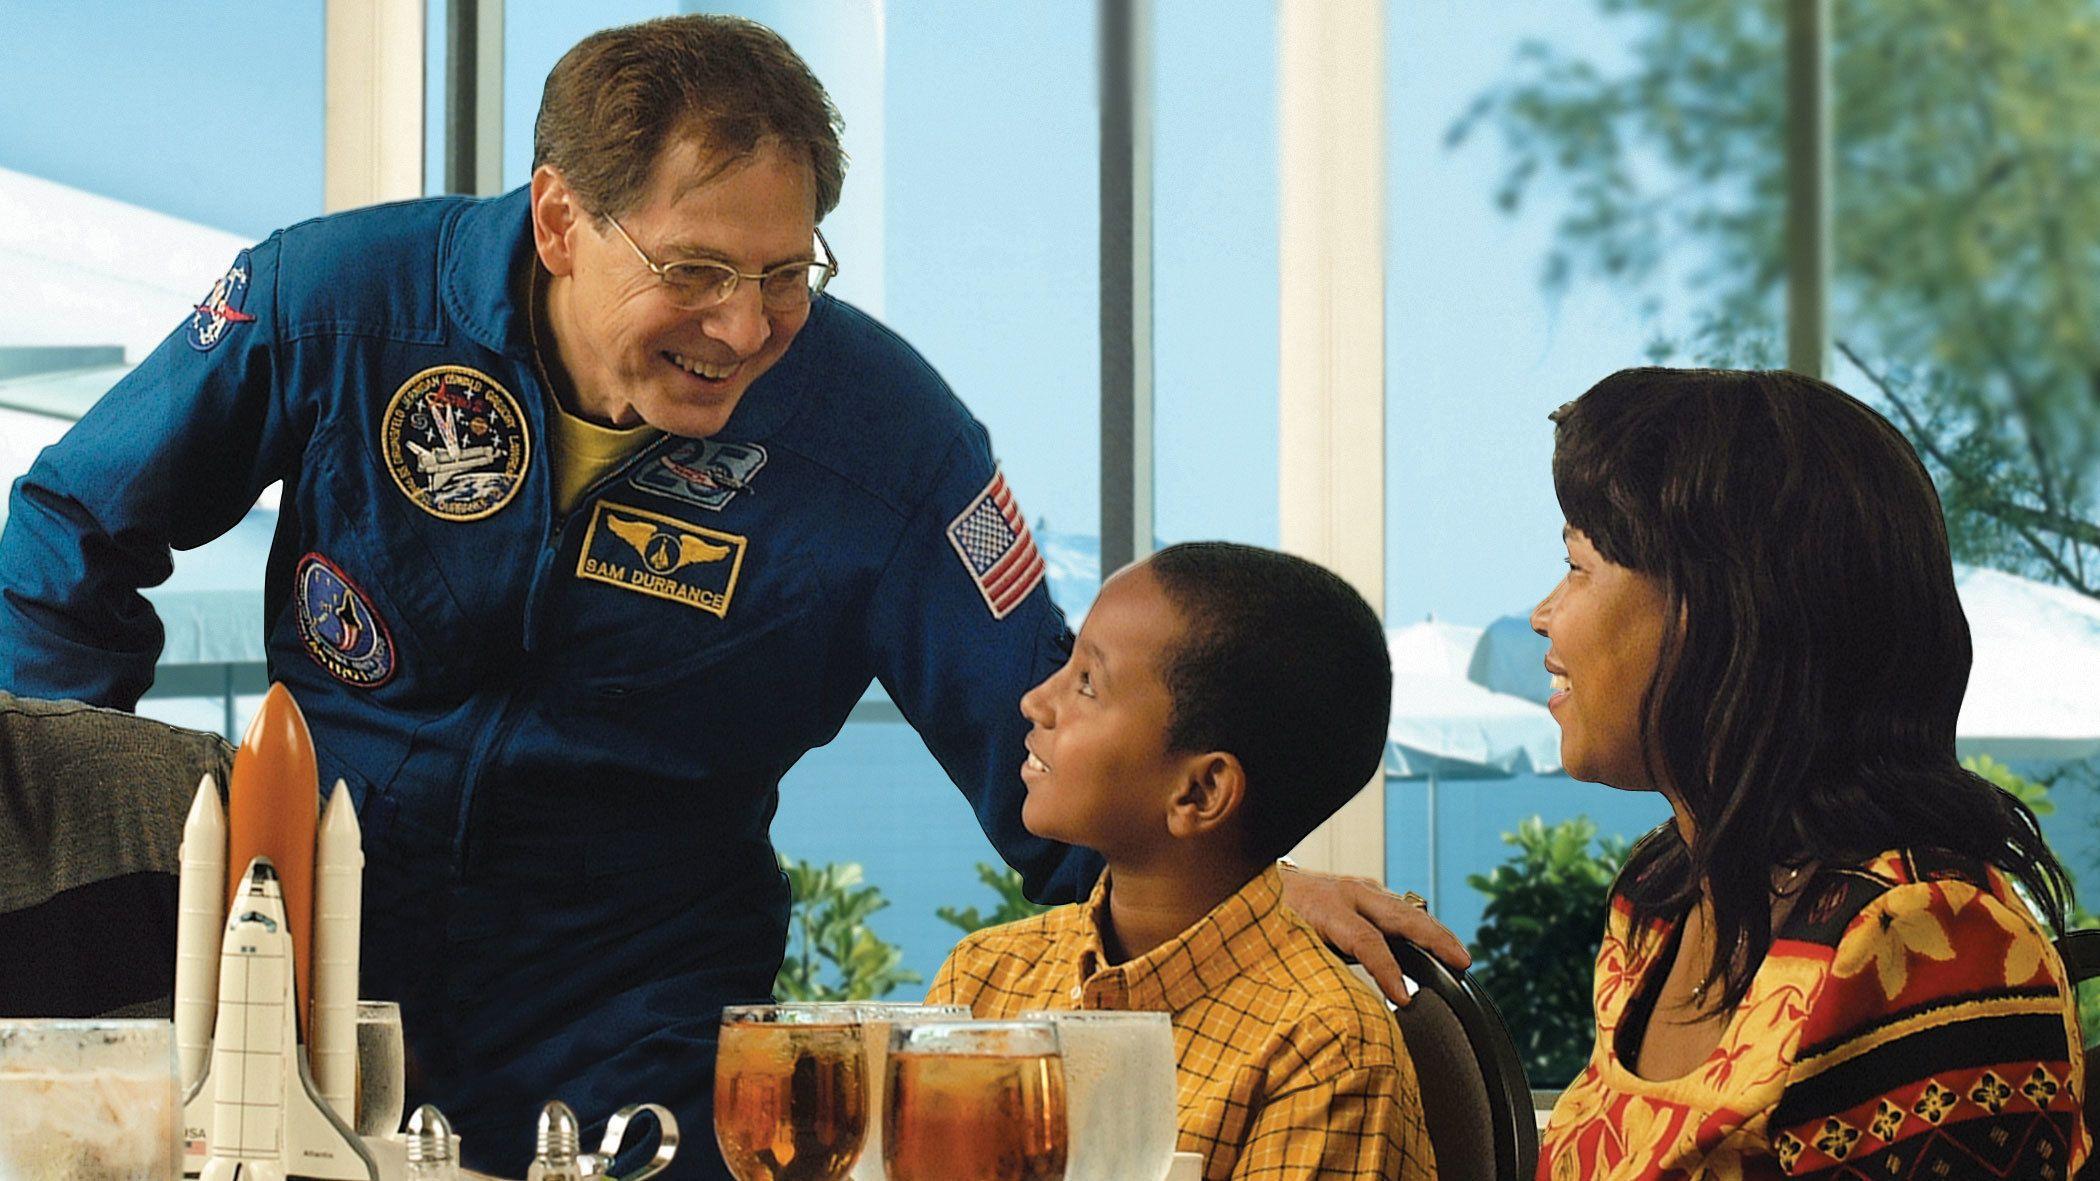 Aterioi astronautin kanssa ja sisäänpääsy jonottamatta